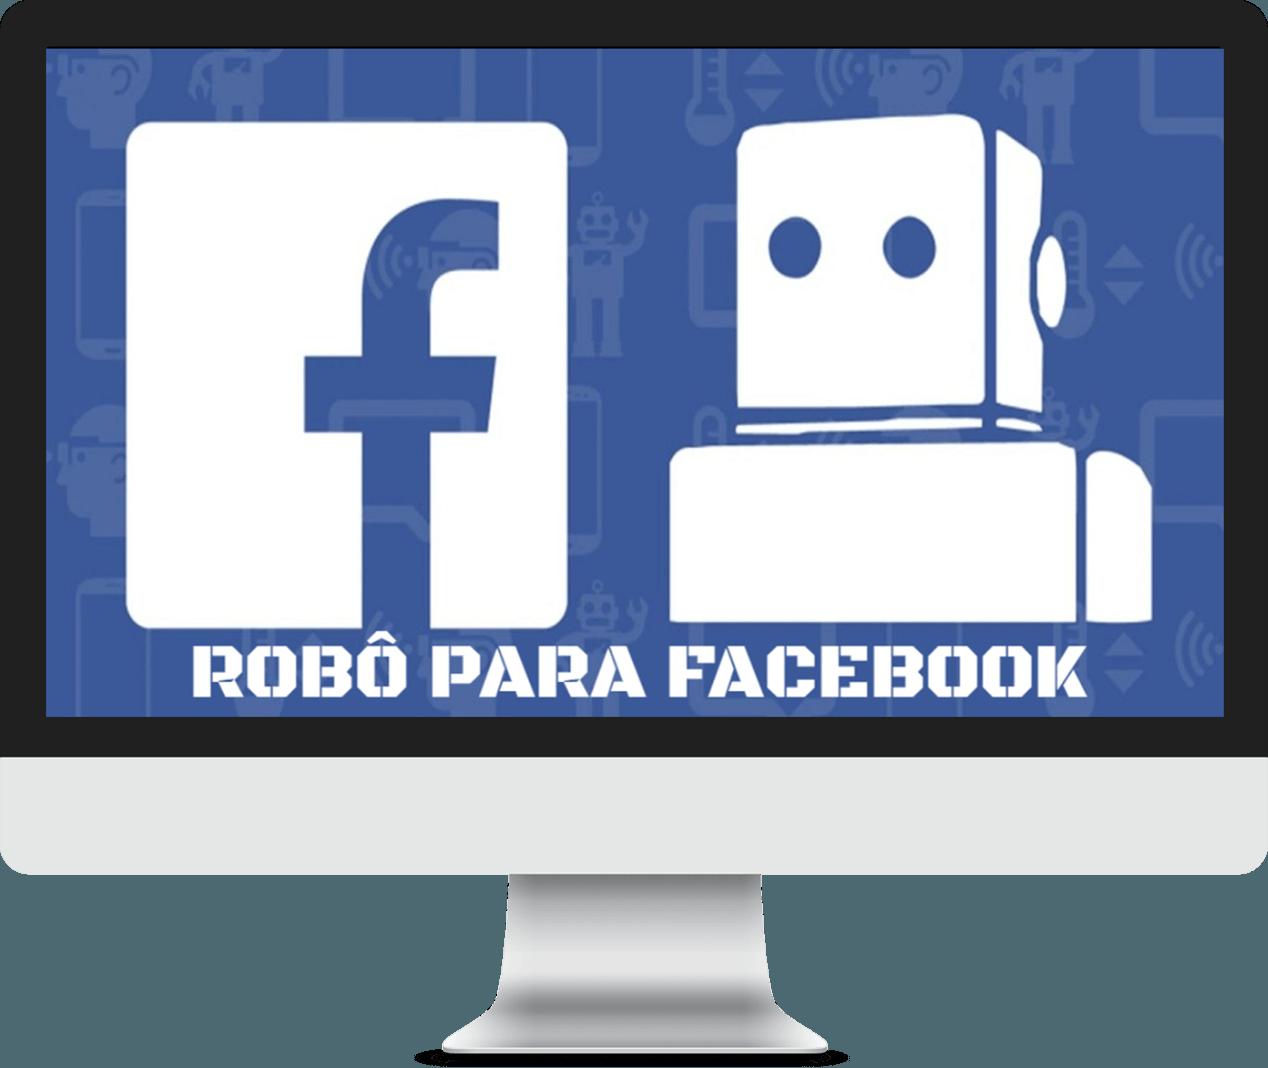 ROBO PARA FACEBOOK CLUBE SUA META